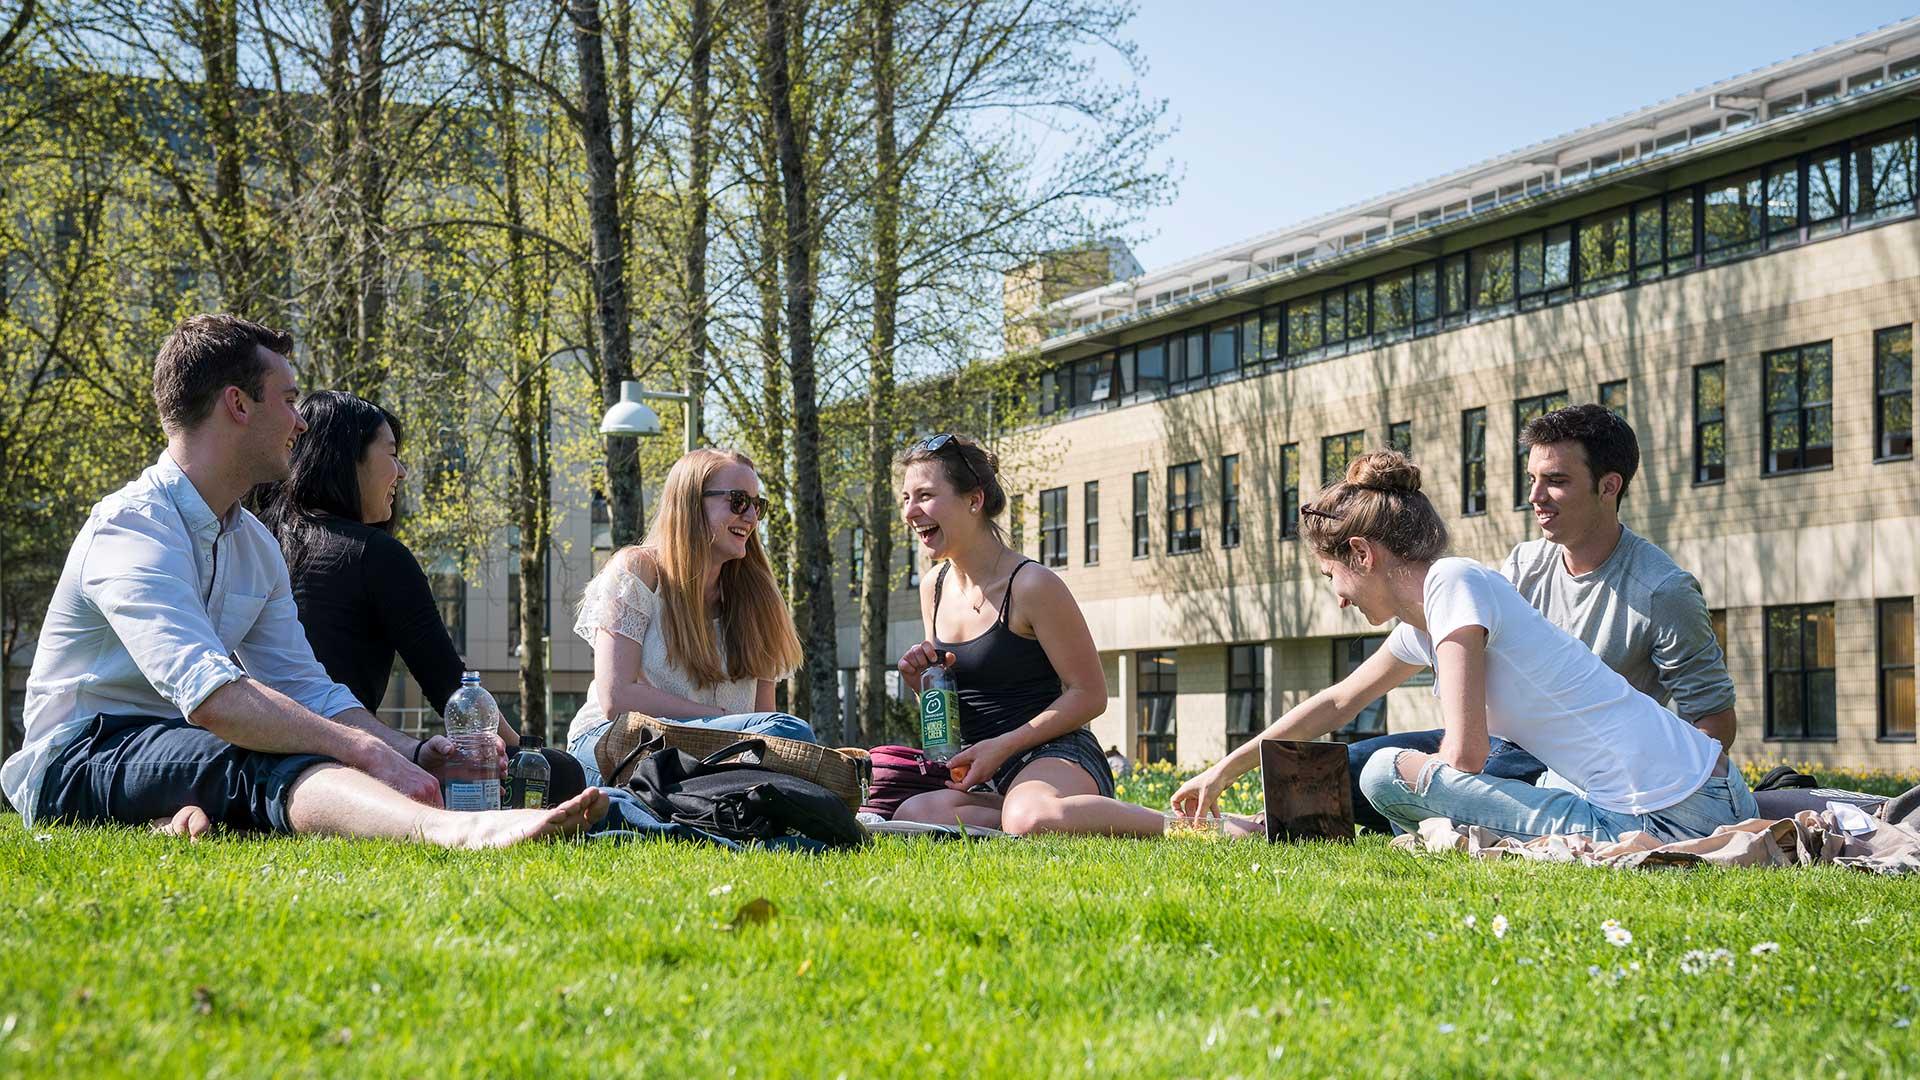 Students enjoy the sunshine on campus